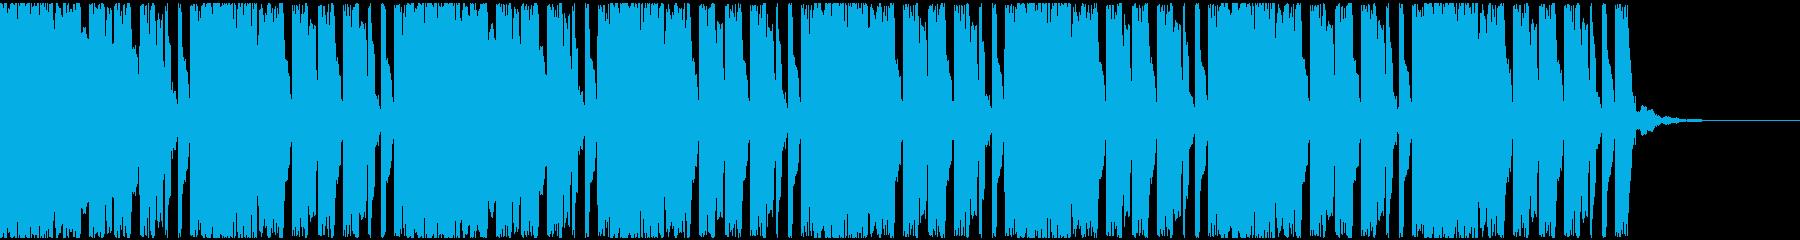 【EDM】ロング8、ミディアム1の再生済みの波形